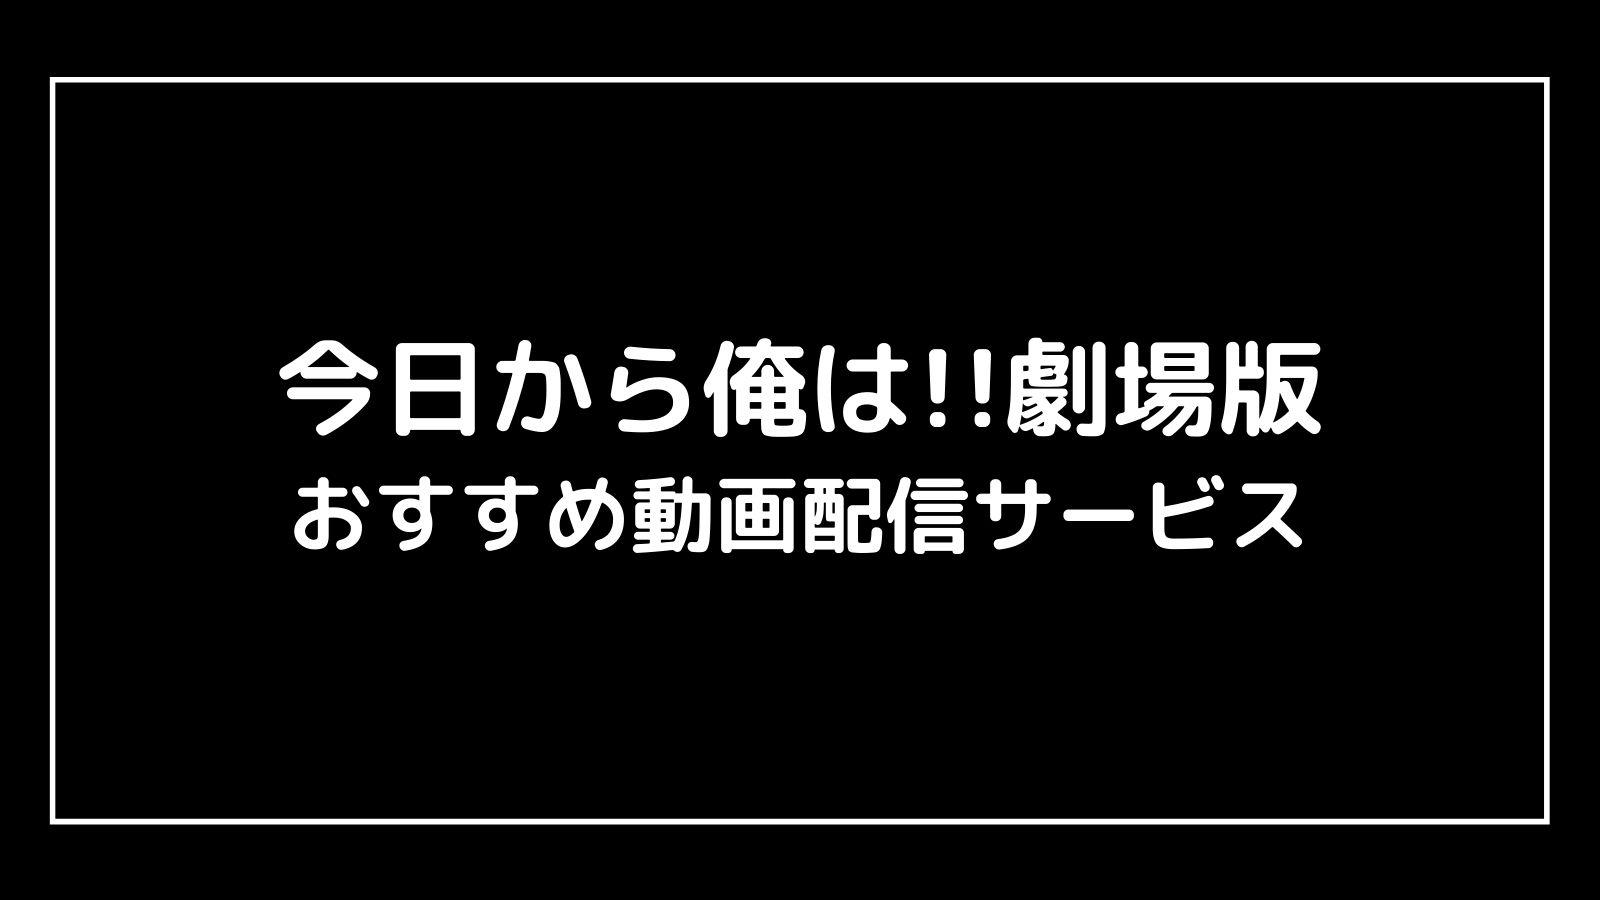 『今日から俺は!!』映画版の無料動画配信をフル視聴する方法